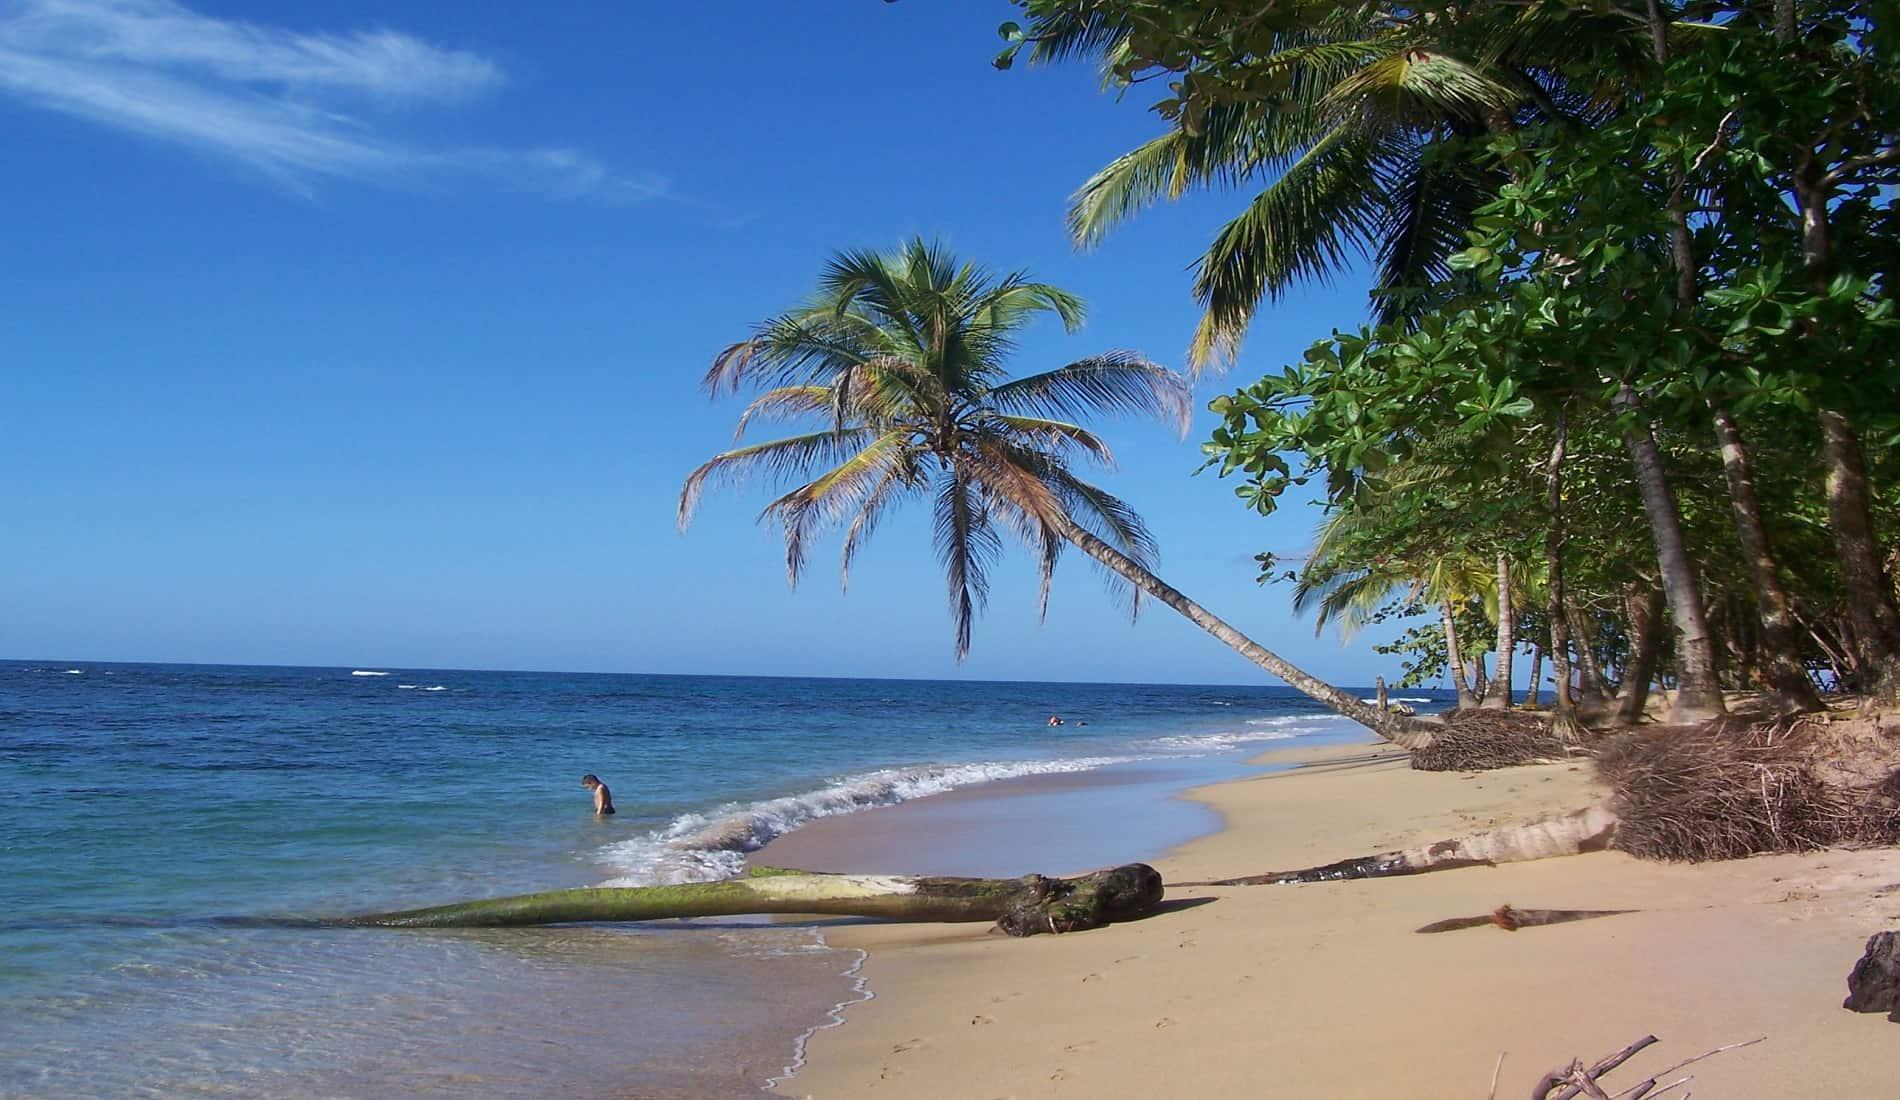 Arrecife beach costa rica reizen